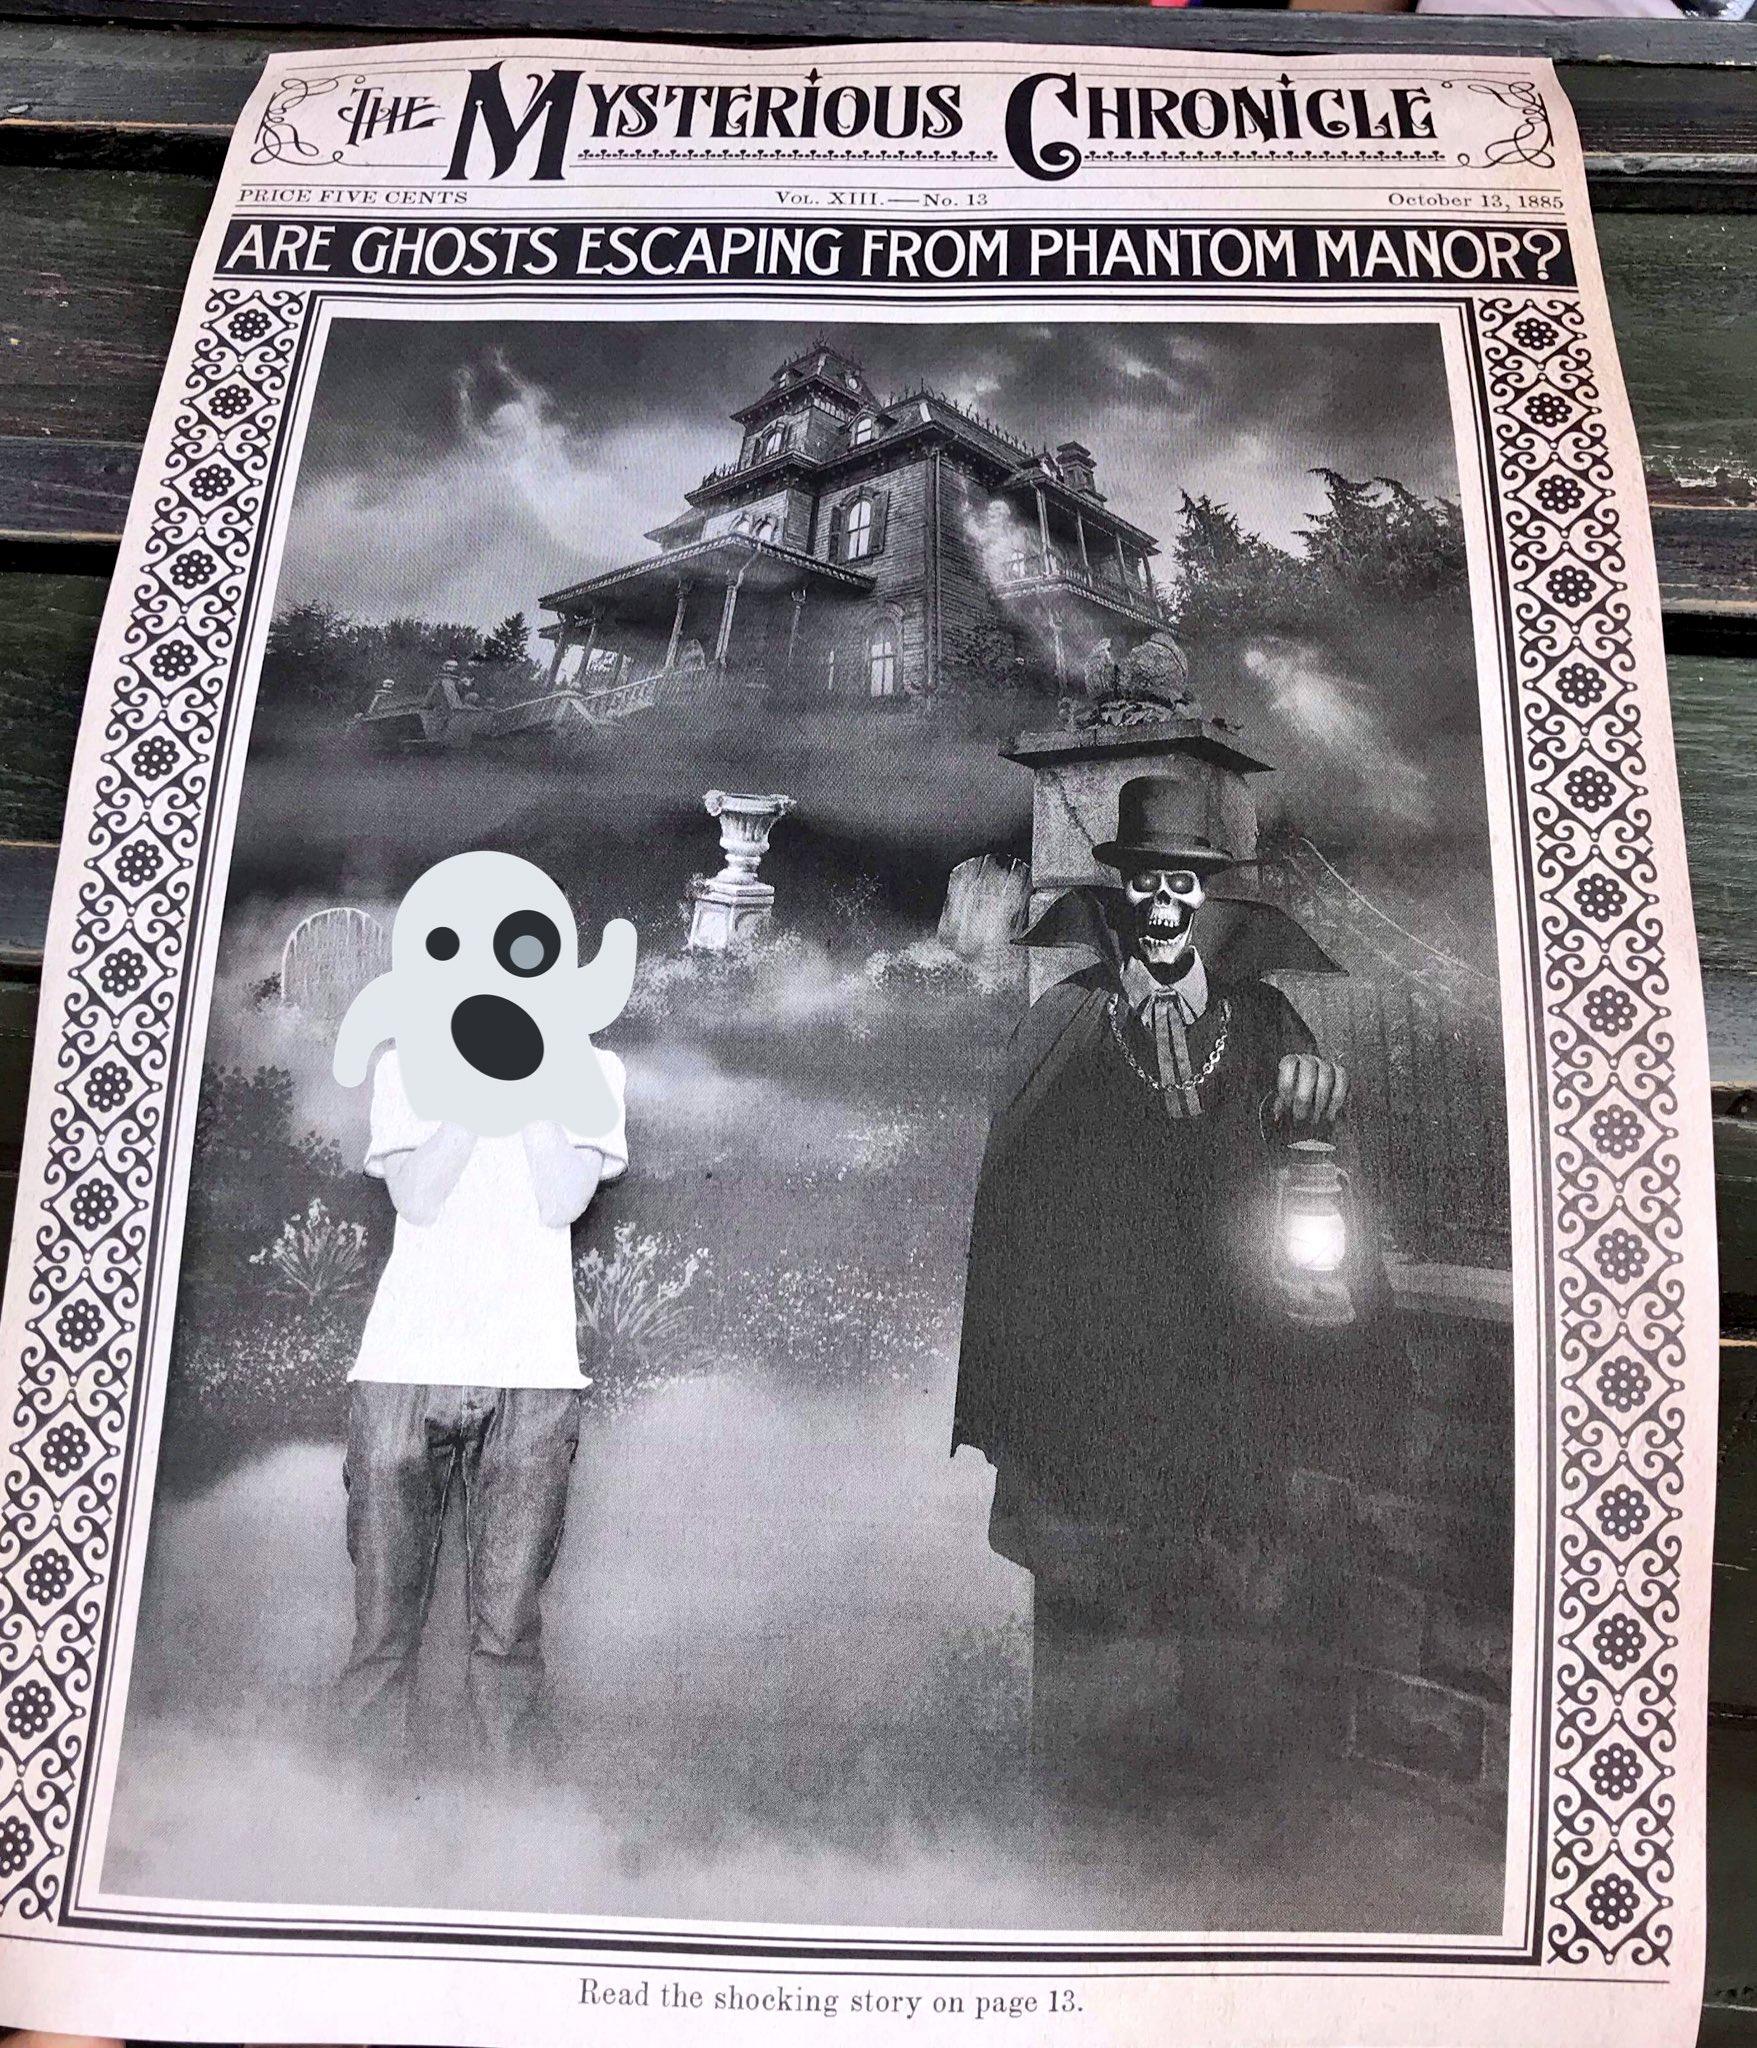 [PhotoPass] Arrivée du Magic Shot avec les personnages de Phantom Manor à Frontierland - Page 4 DfARDmPWsAAKz7i